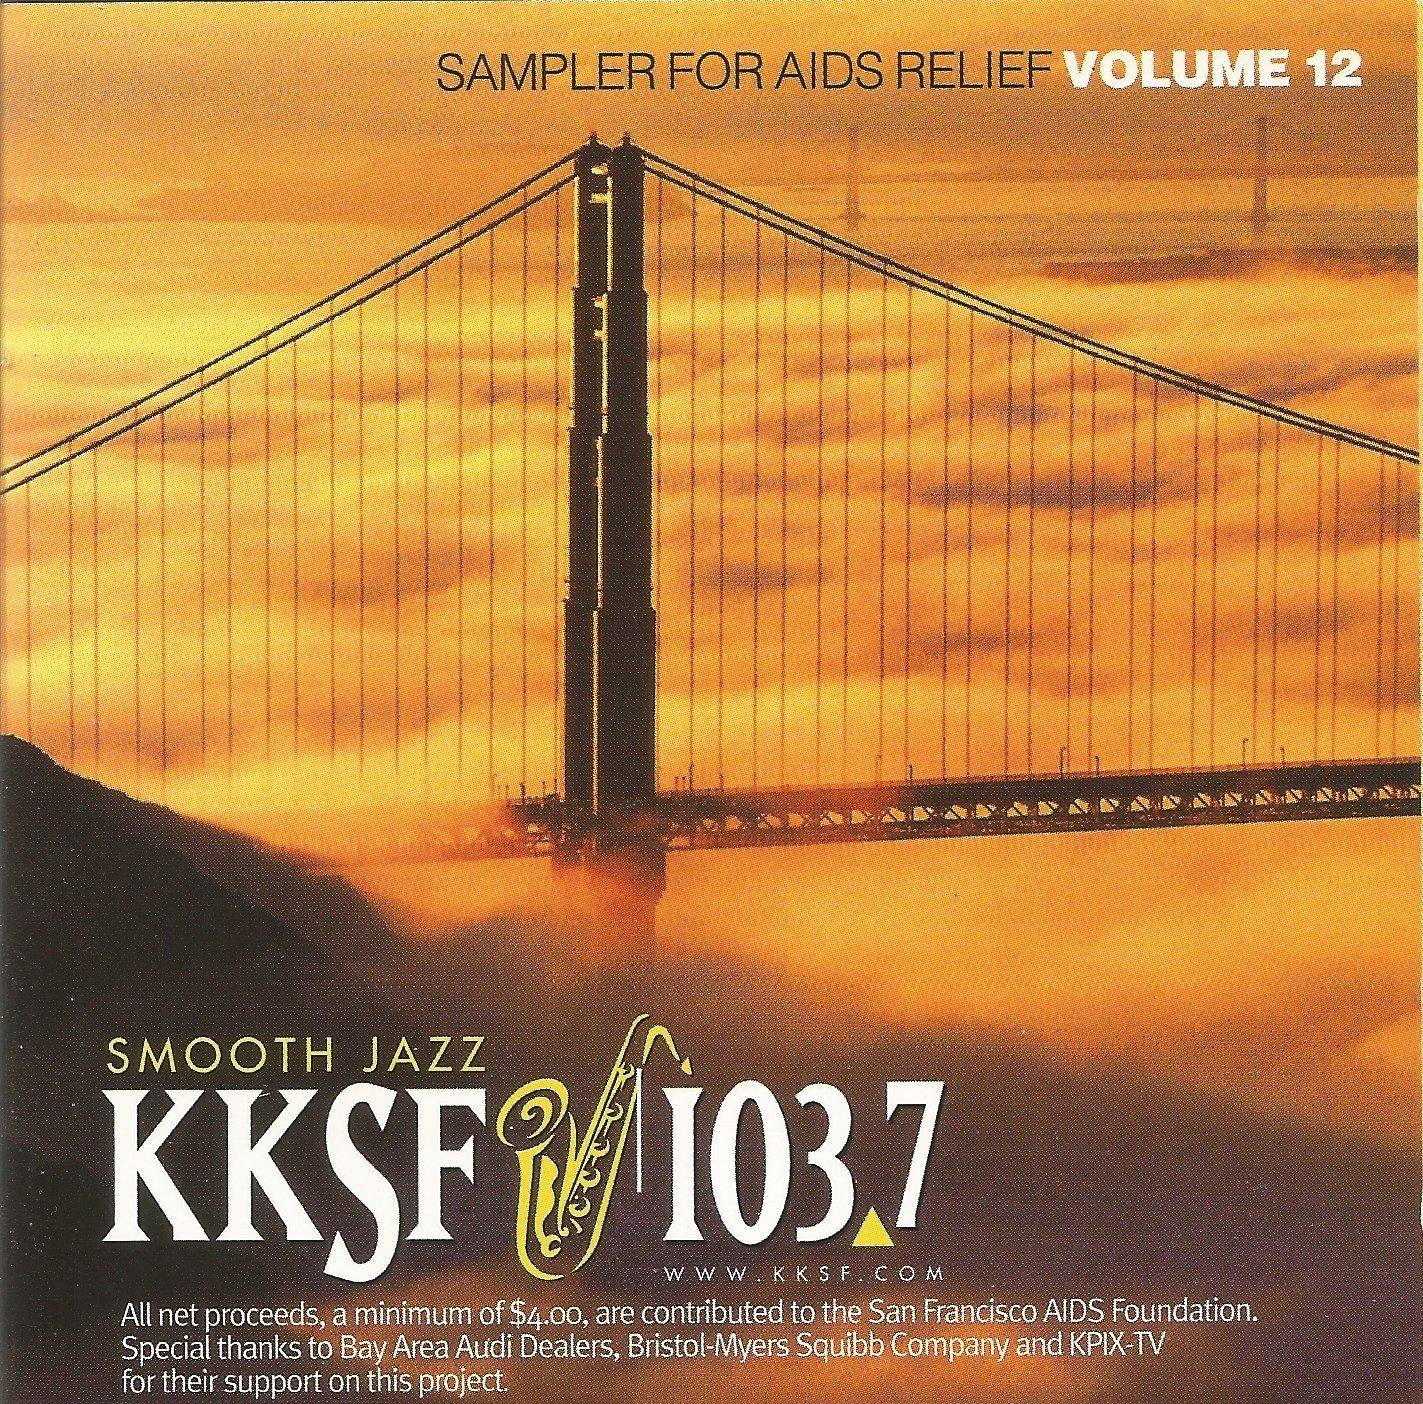 KKSF Ranking TOP15 103.7 FM Sampler for Manufacturer OFFicial shop 12 AIDS Relief Vol.